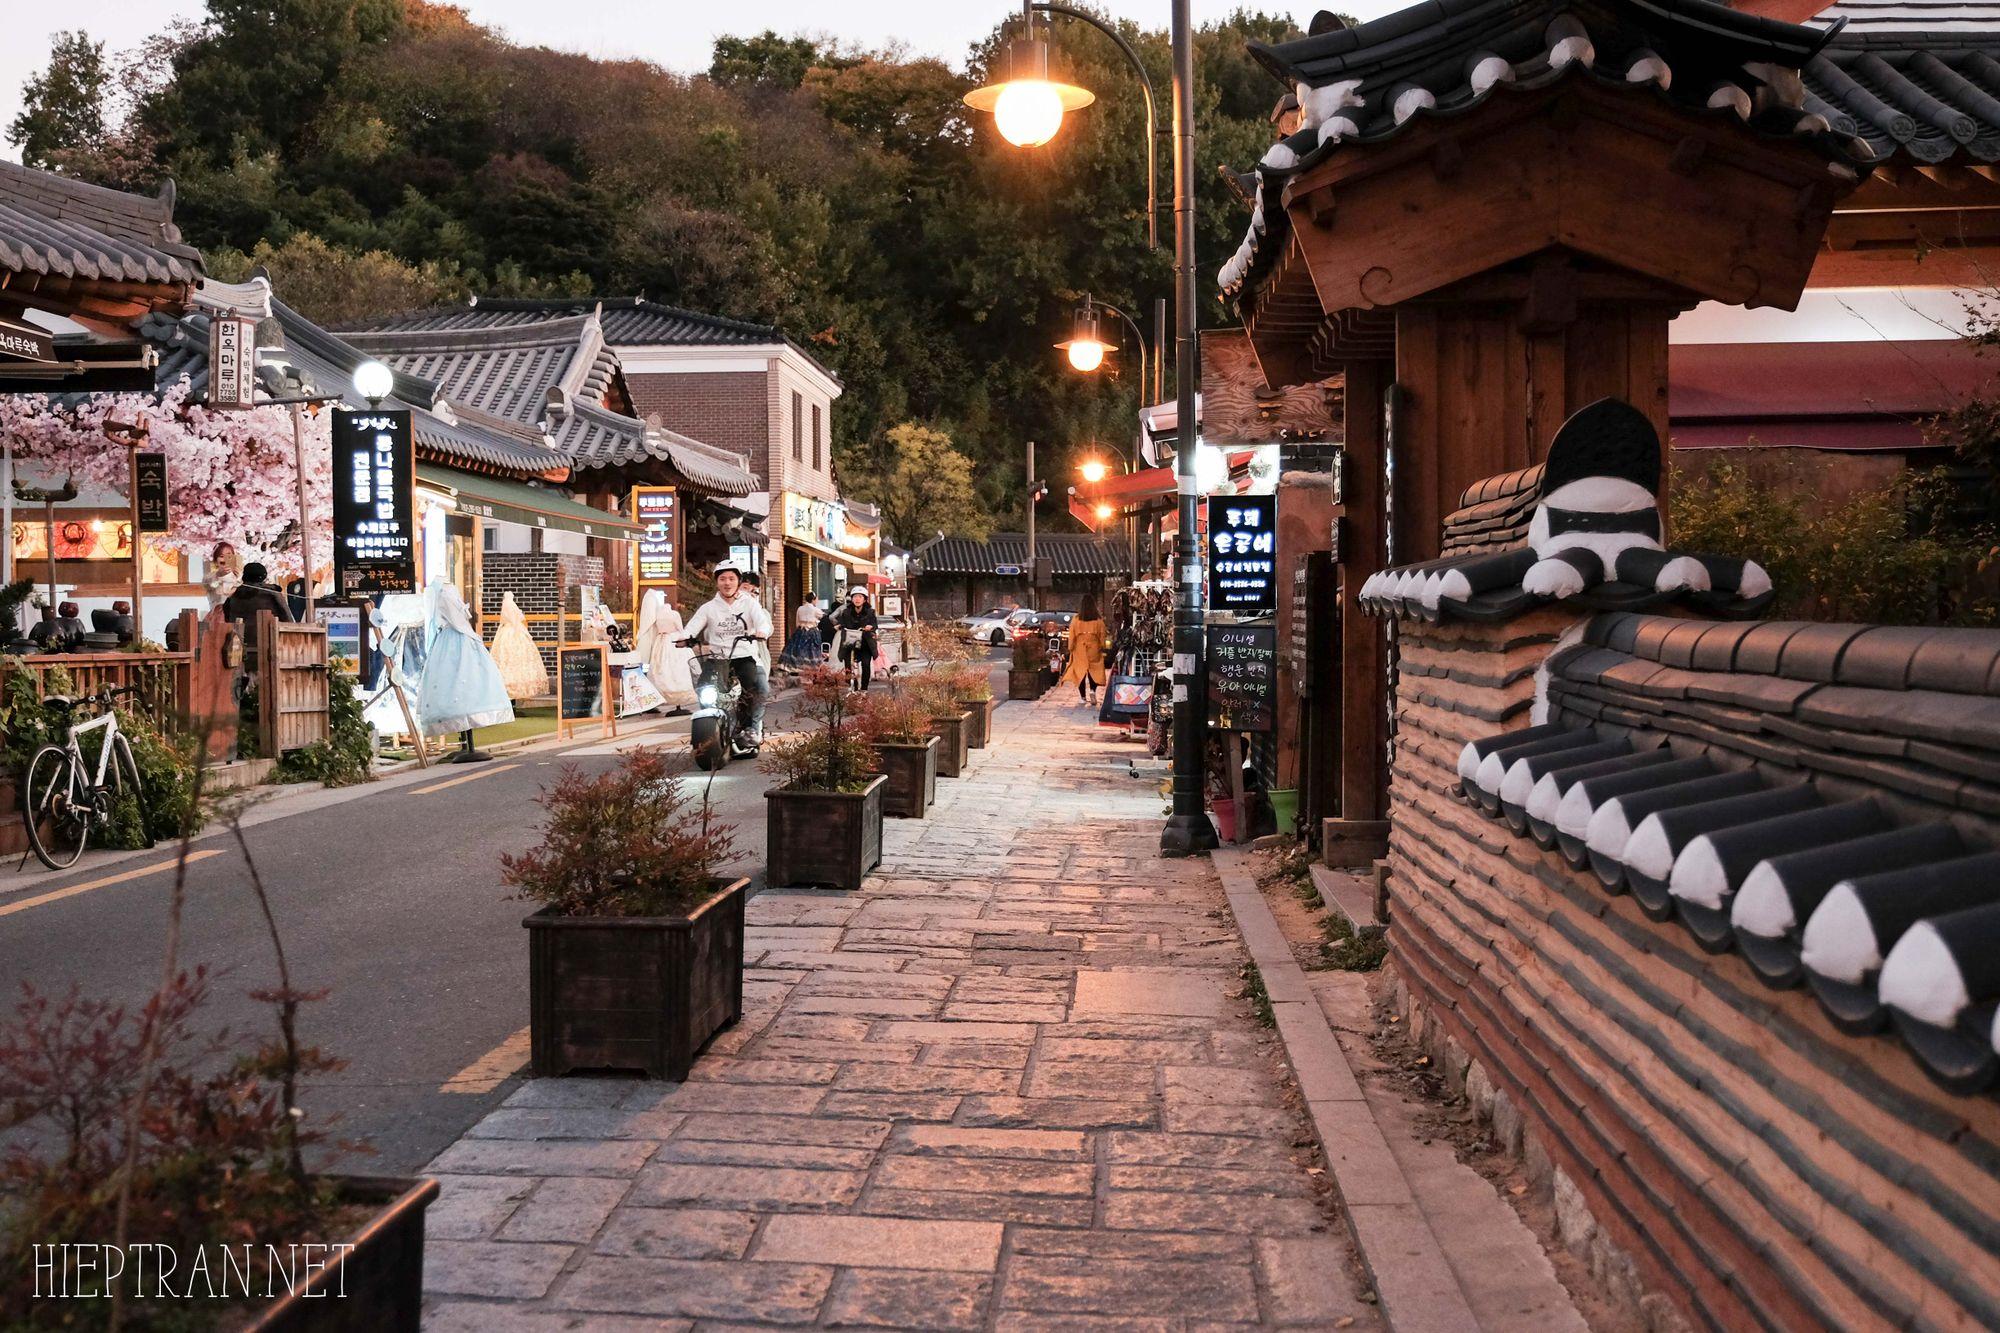 Kinh nghiệm du lịch Jeonju Hàn Quốc